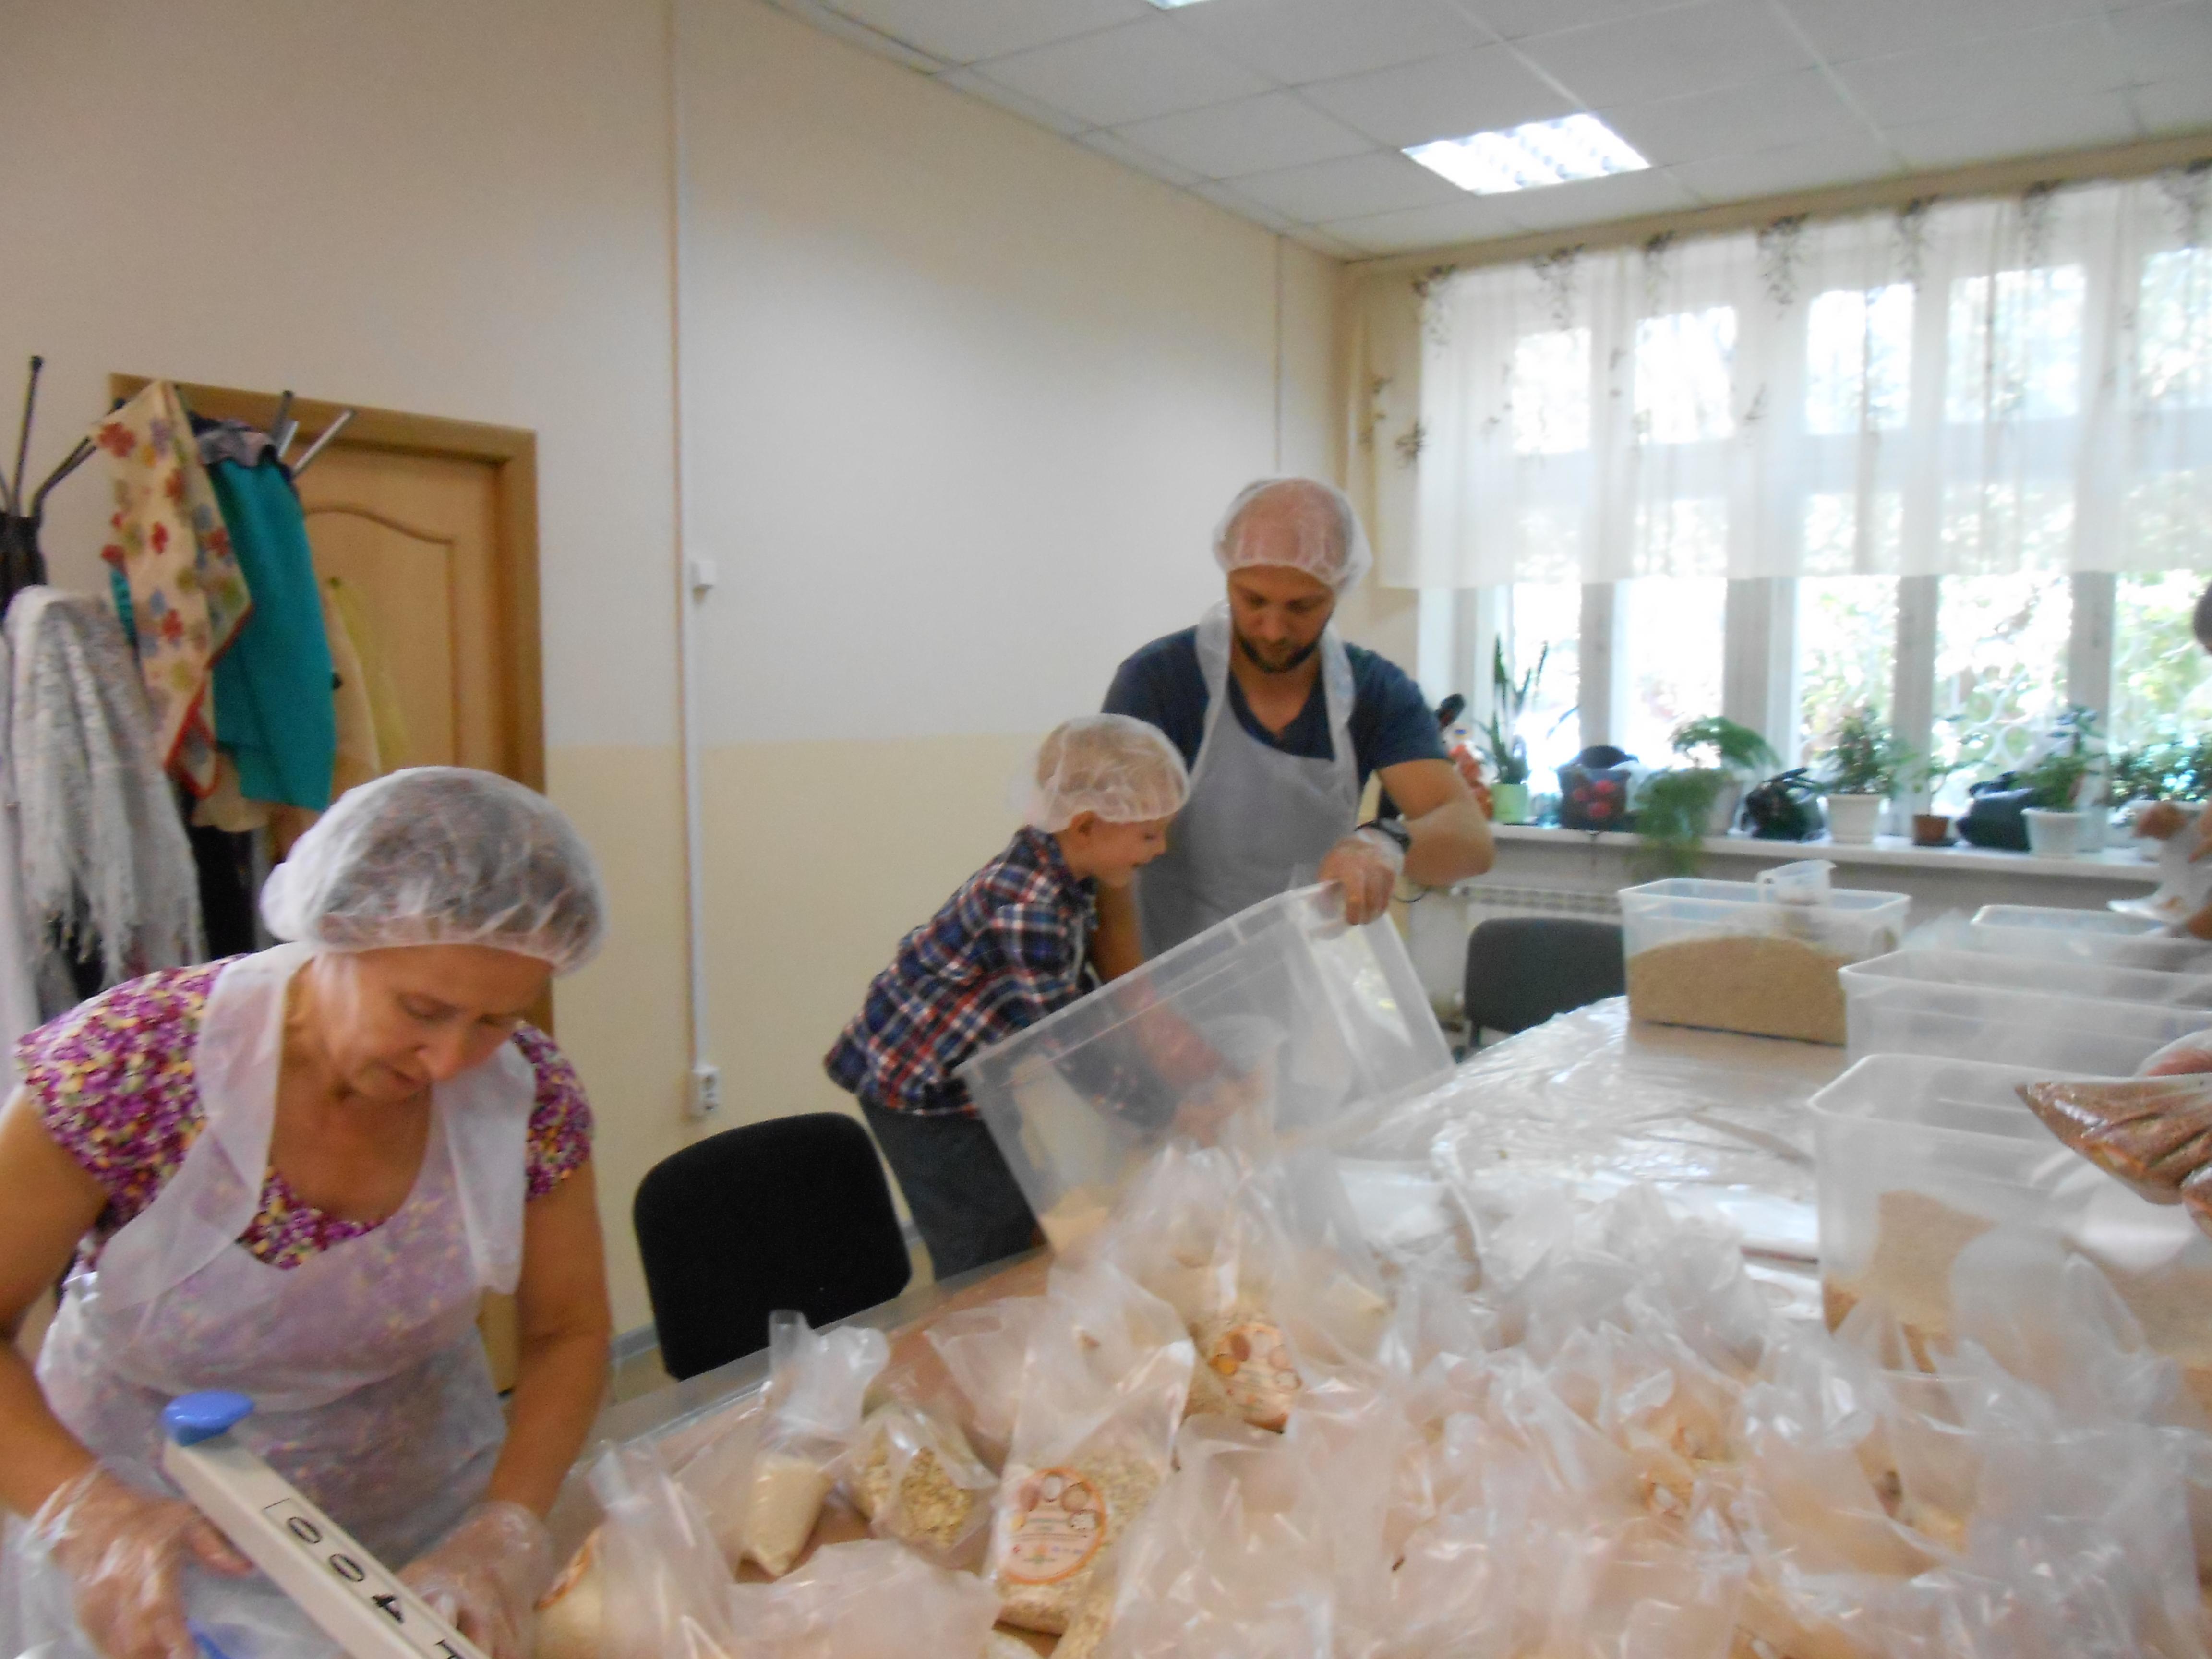 Новосибирским ресторанам посоветовали сдавать еду наблаготворительность